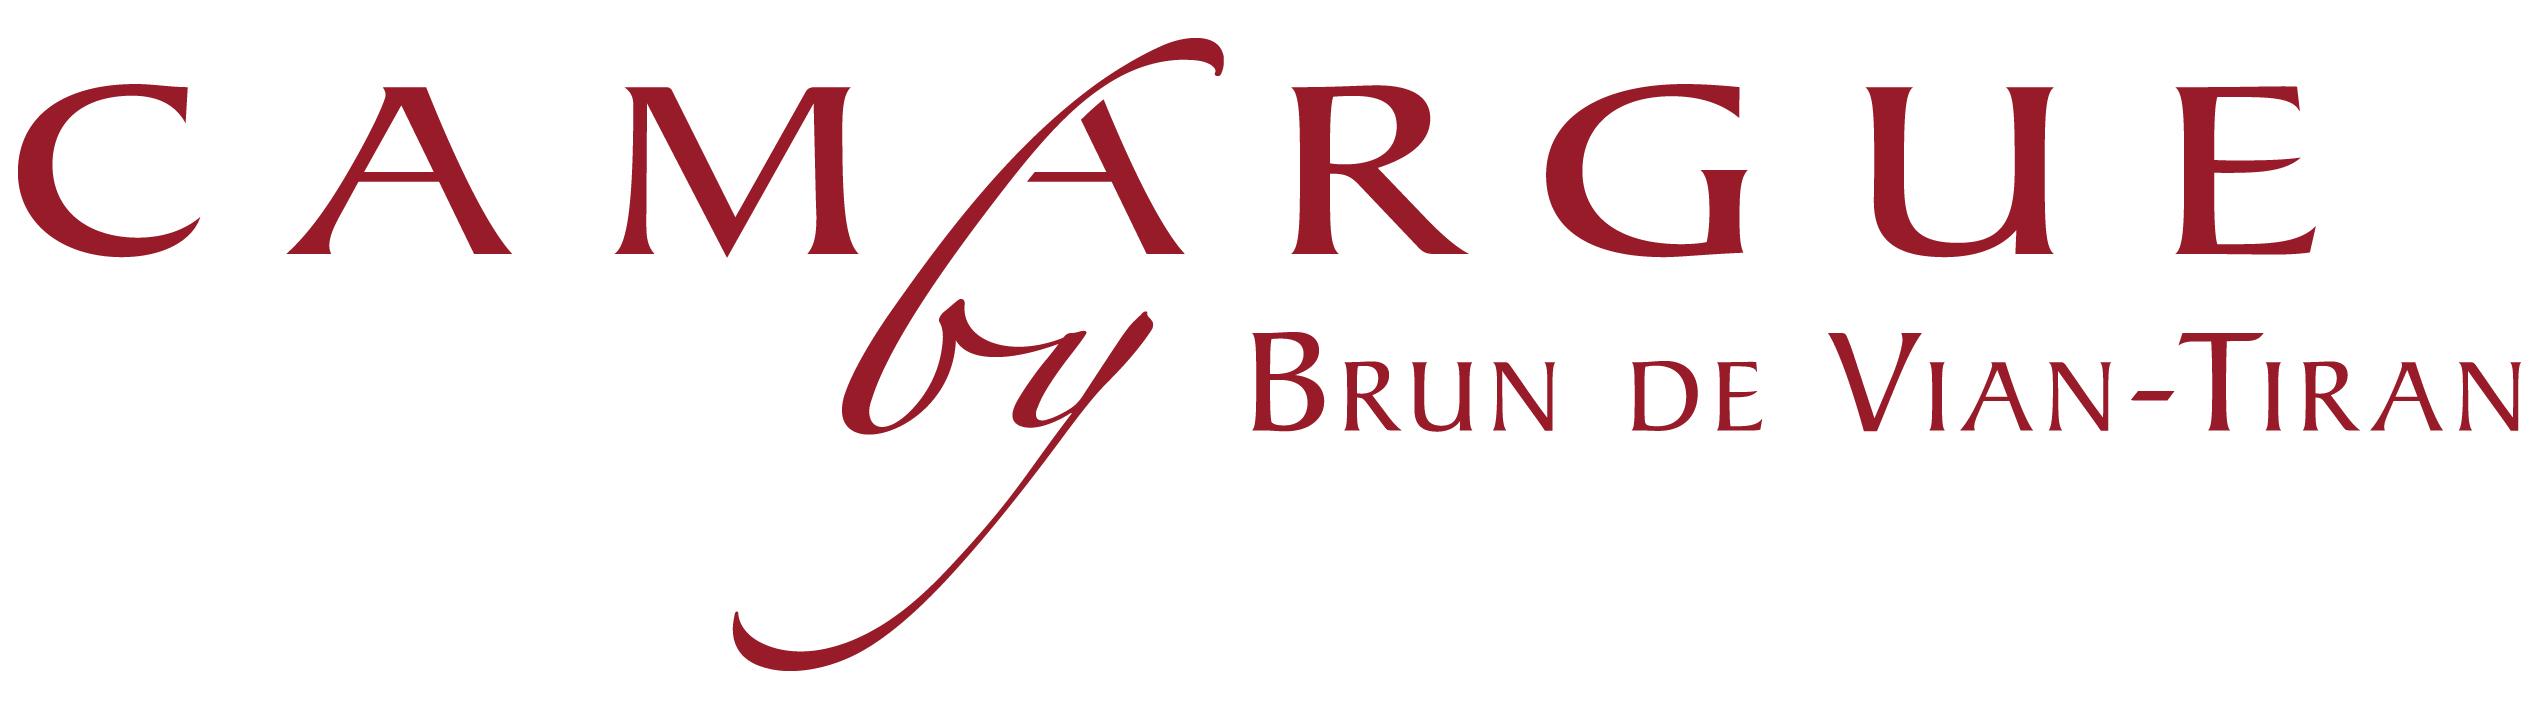 Camargue by Brun de Vian-Tiran : Collection en Mérinos d'Arles Antique®